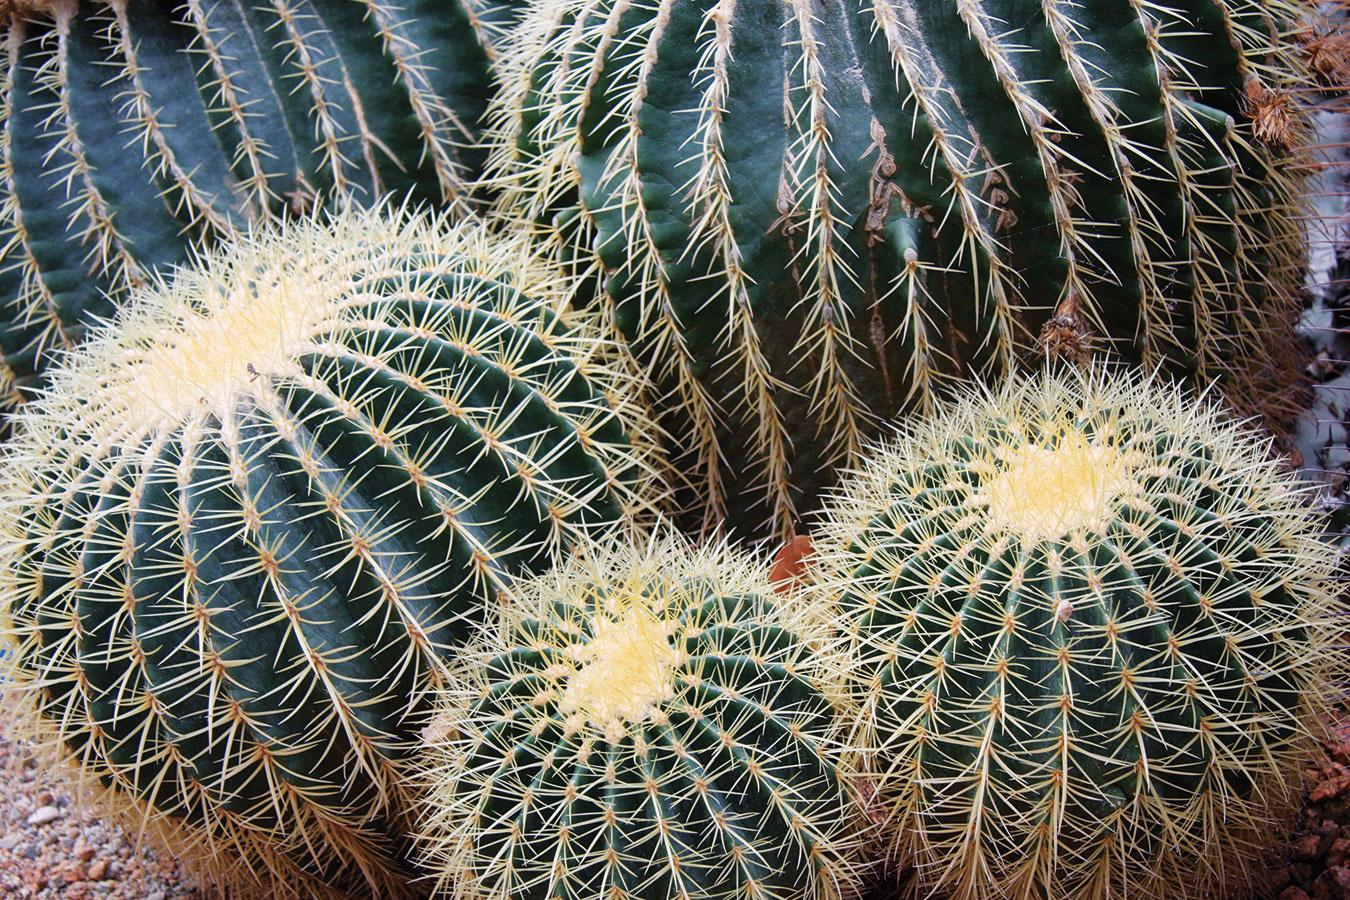 Rebrovec (Echinocactus grusonii), ľudovo nazývaný svokrina stolička, predstavuje často pestovaný kaktus, ktorý vynikne najmä vmoderných slnečných bytoch. Rastlina je atraktívna celkovým vzhľadom, pričomupúta najmä zlatožltými tŕňmi, avynikne vterakotových črepníkoch. Ak to priestor umožní, zaujímavá môže byť aj skupinka viacerých jedincov. Pri pestovaní rebrovca aj iných kaktusov je dôležité, aby sa knim svetlo dostávalo rovnomerne zo všetkých strán. Potom sú krásne vyfarbené anenakláňajú sa do strán. Rebrovec aj kvitne – žiarivo žlté kvety sa ale objavia až po rokoch pestovania. Videálnych podmienkach (vskleníkoch azimných záhradách) dorastá až do výšky 1 m ašírky 0,8 m. Pestujte ho všpeciálnom substráte na kaktusy adajte si pozor na premokrenie substrátu avysokú vzdušnú vlhkosť.